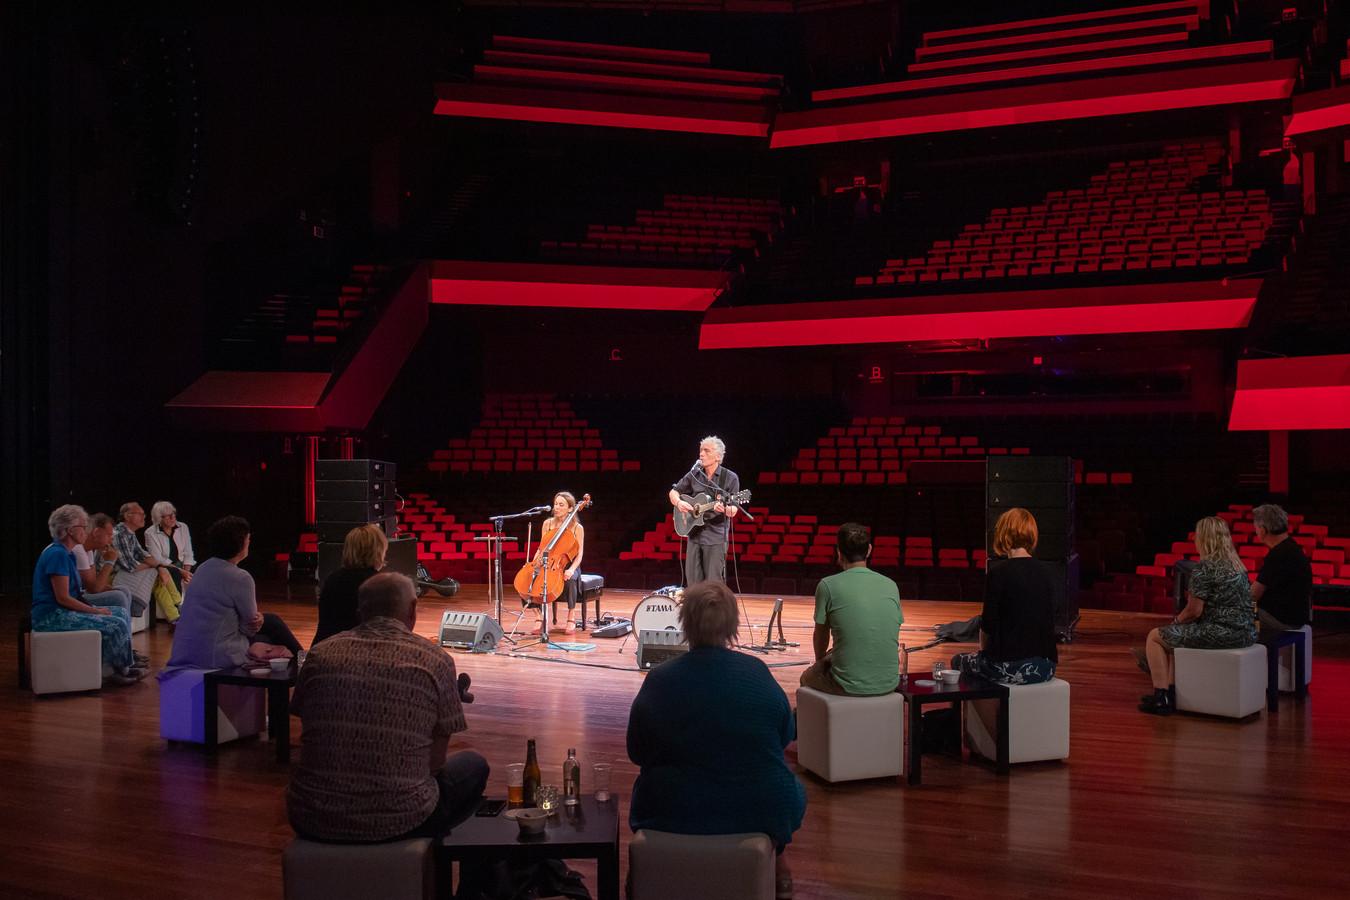 Spinvis treedt op in de grote zaal van het Chassé Theater als onderdeel van het Laat Licht Festival. De 30 bezoekers zitten op het podium en de stoelen in de zaal zijn allemaal leeg.